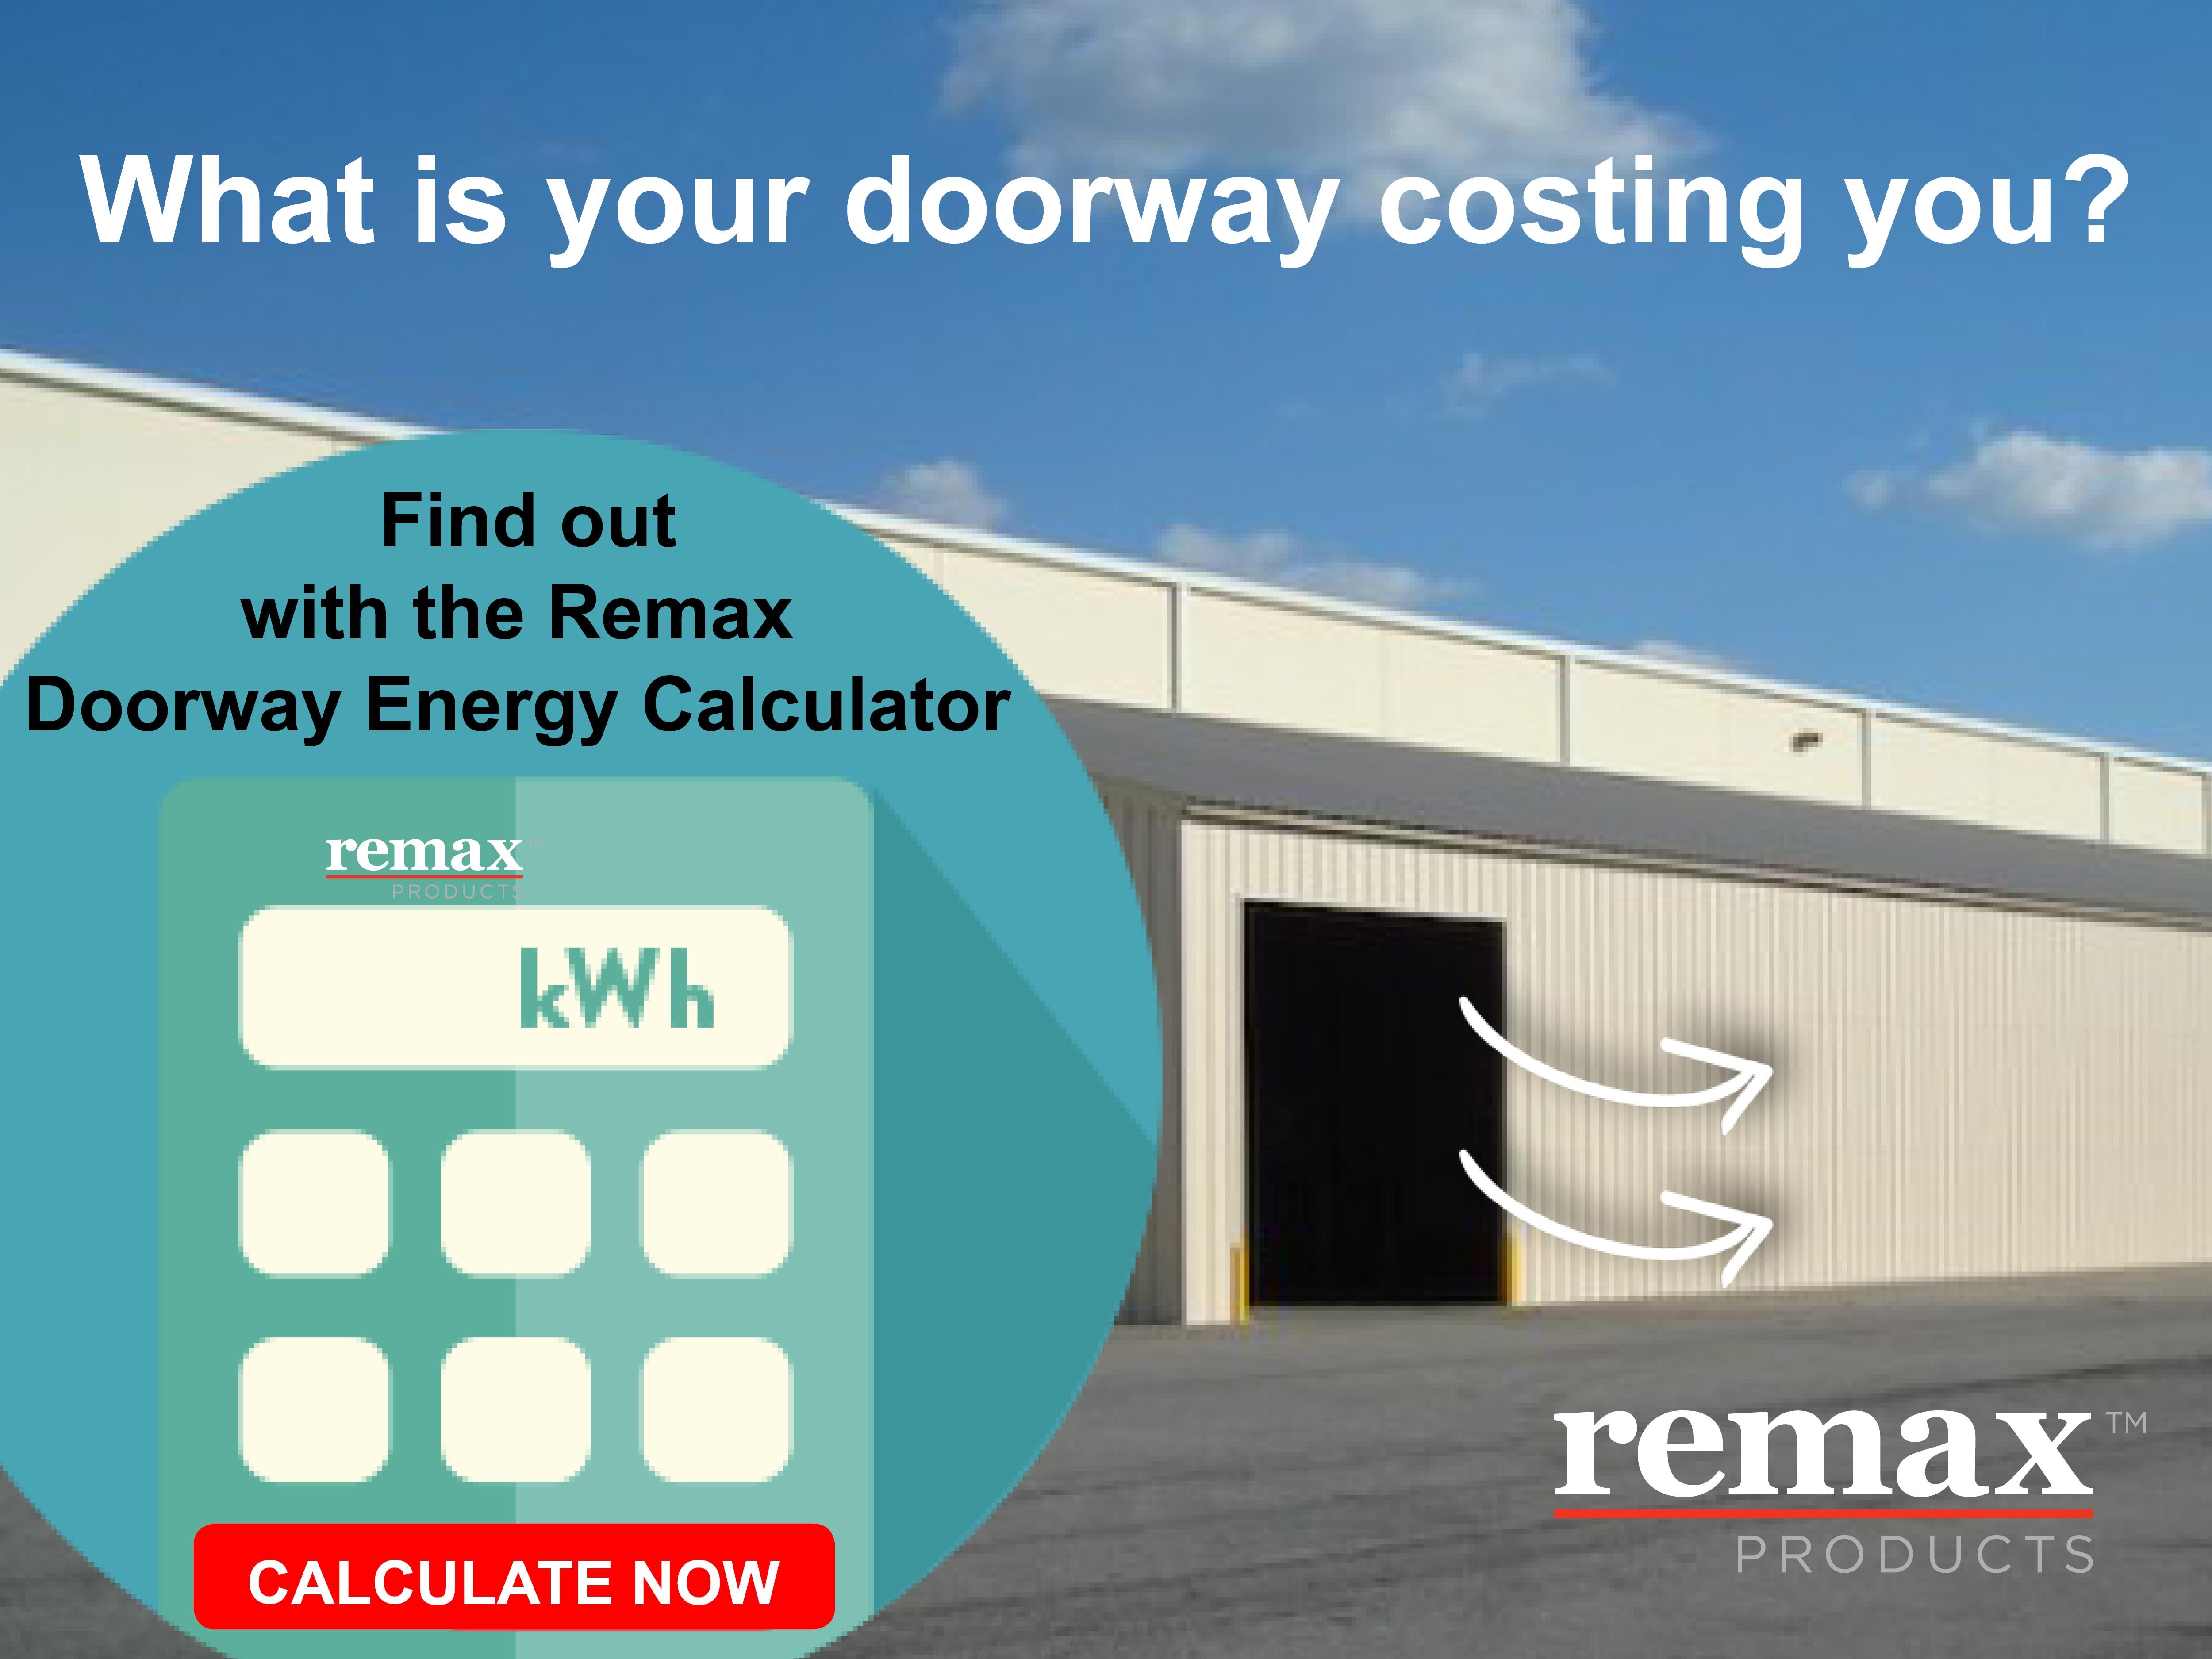 Doorway Energy Calculator